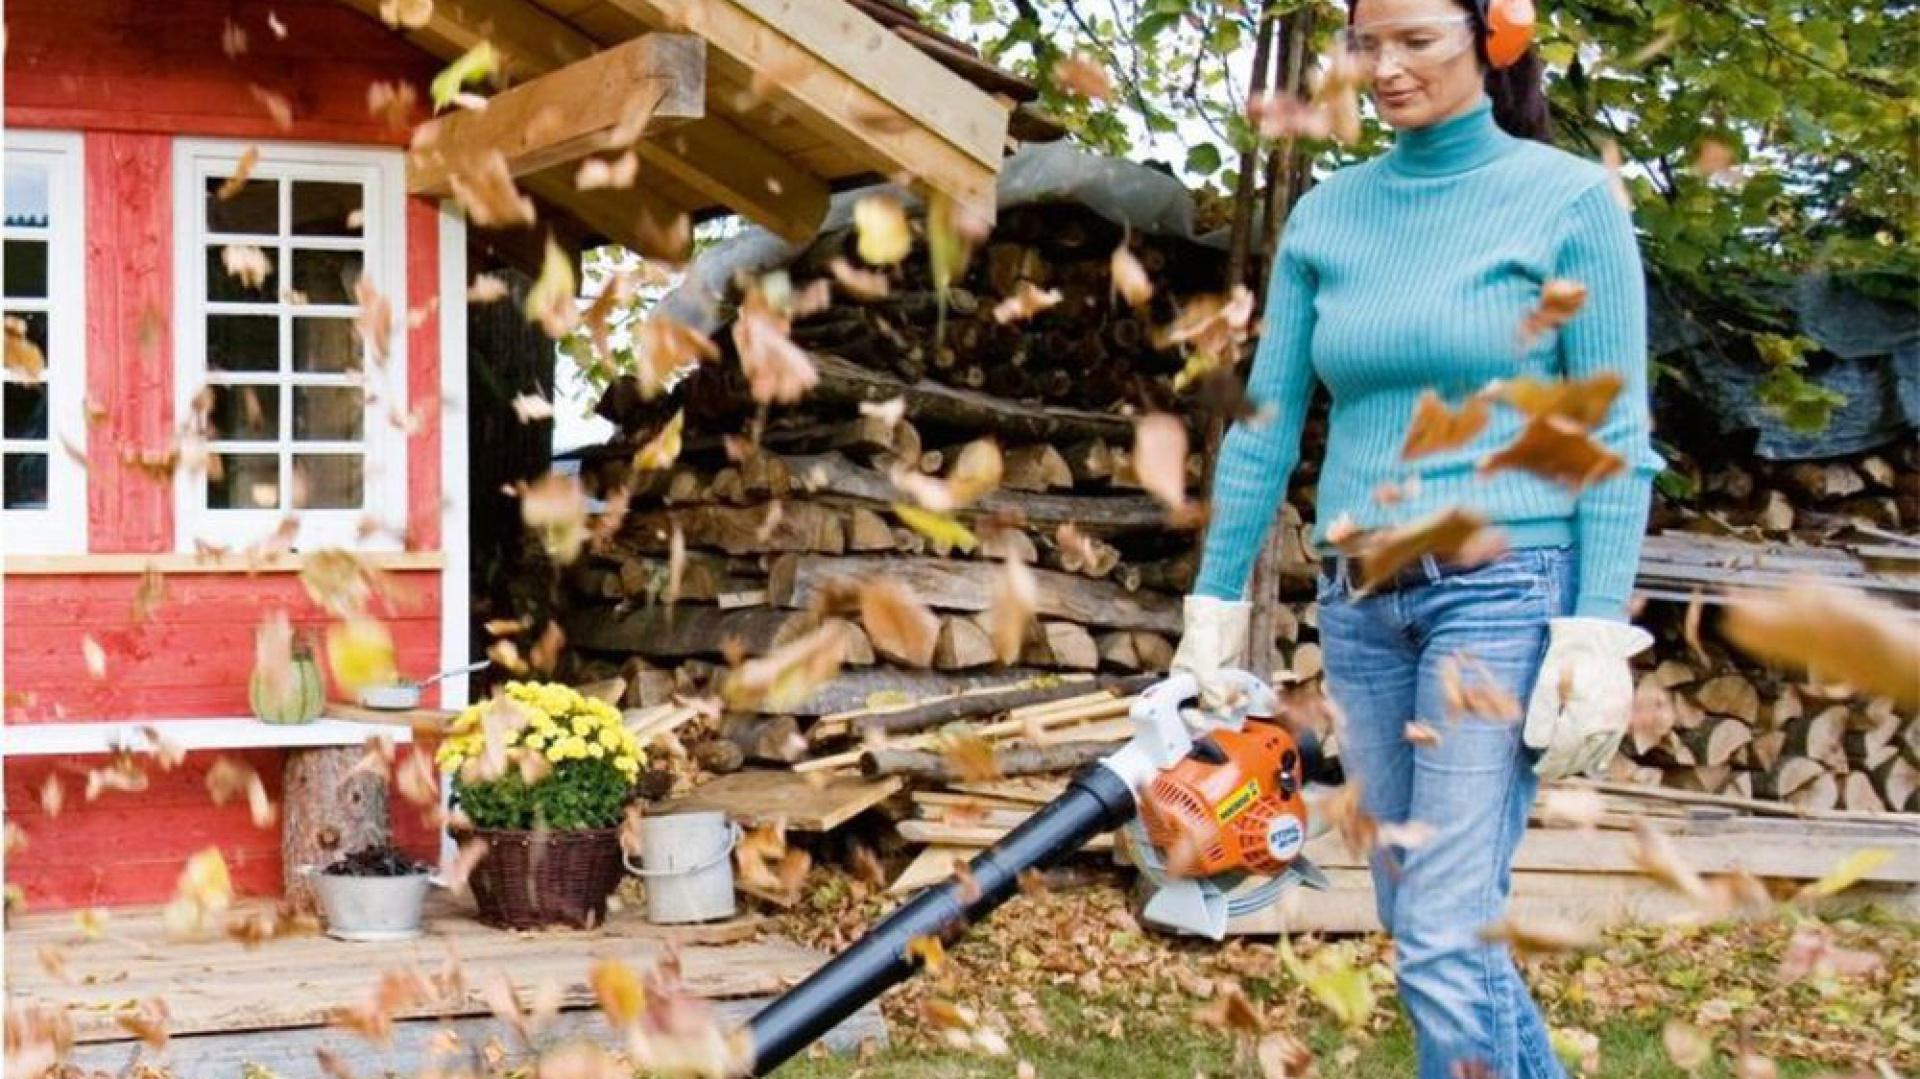 Cichy odkurzacz ogrodowy to doskonały sposób na szybkie usunięcie liści liści z trawnika i rabatek, także tych wyłożonych korą lub żwirem. Dobrze sprawdzi się także w oczyszczaniu nawierzchni z trawy, która pozostała po koszeniu. Fot. Ramirent.